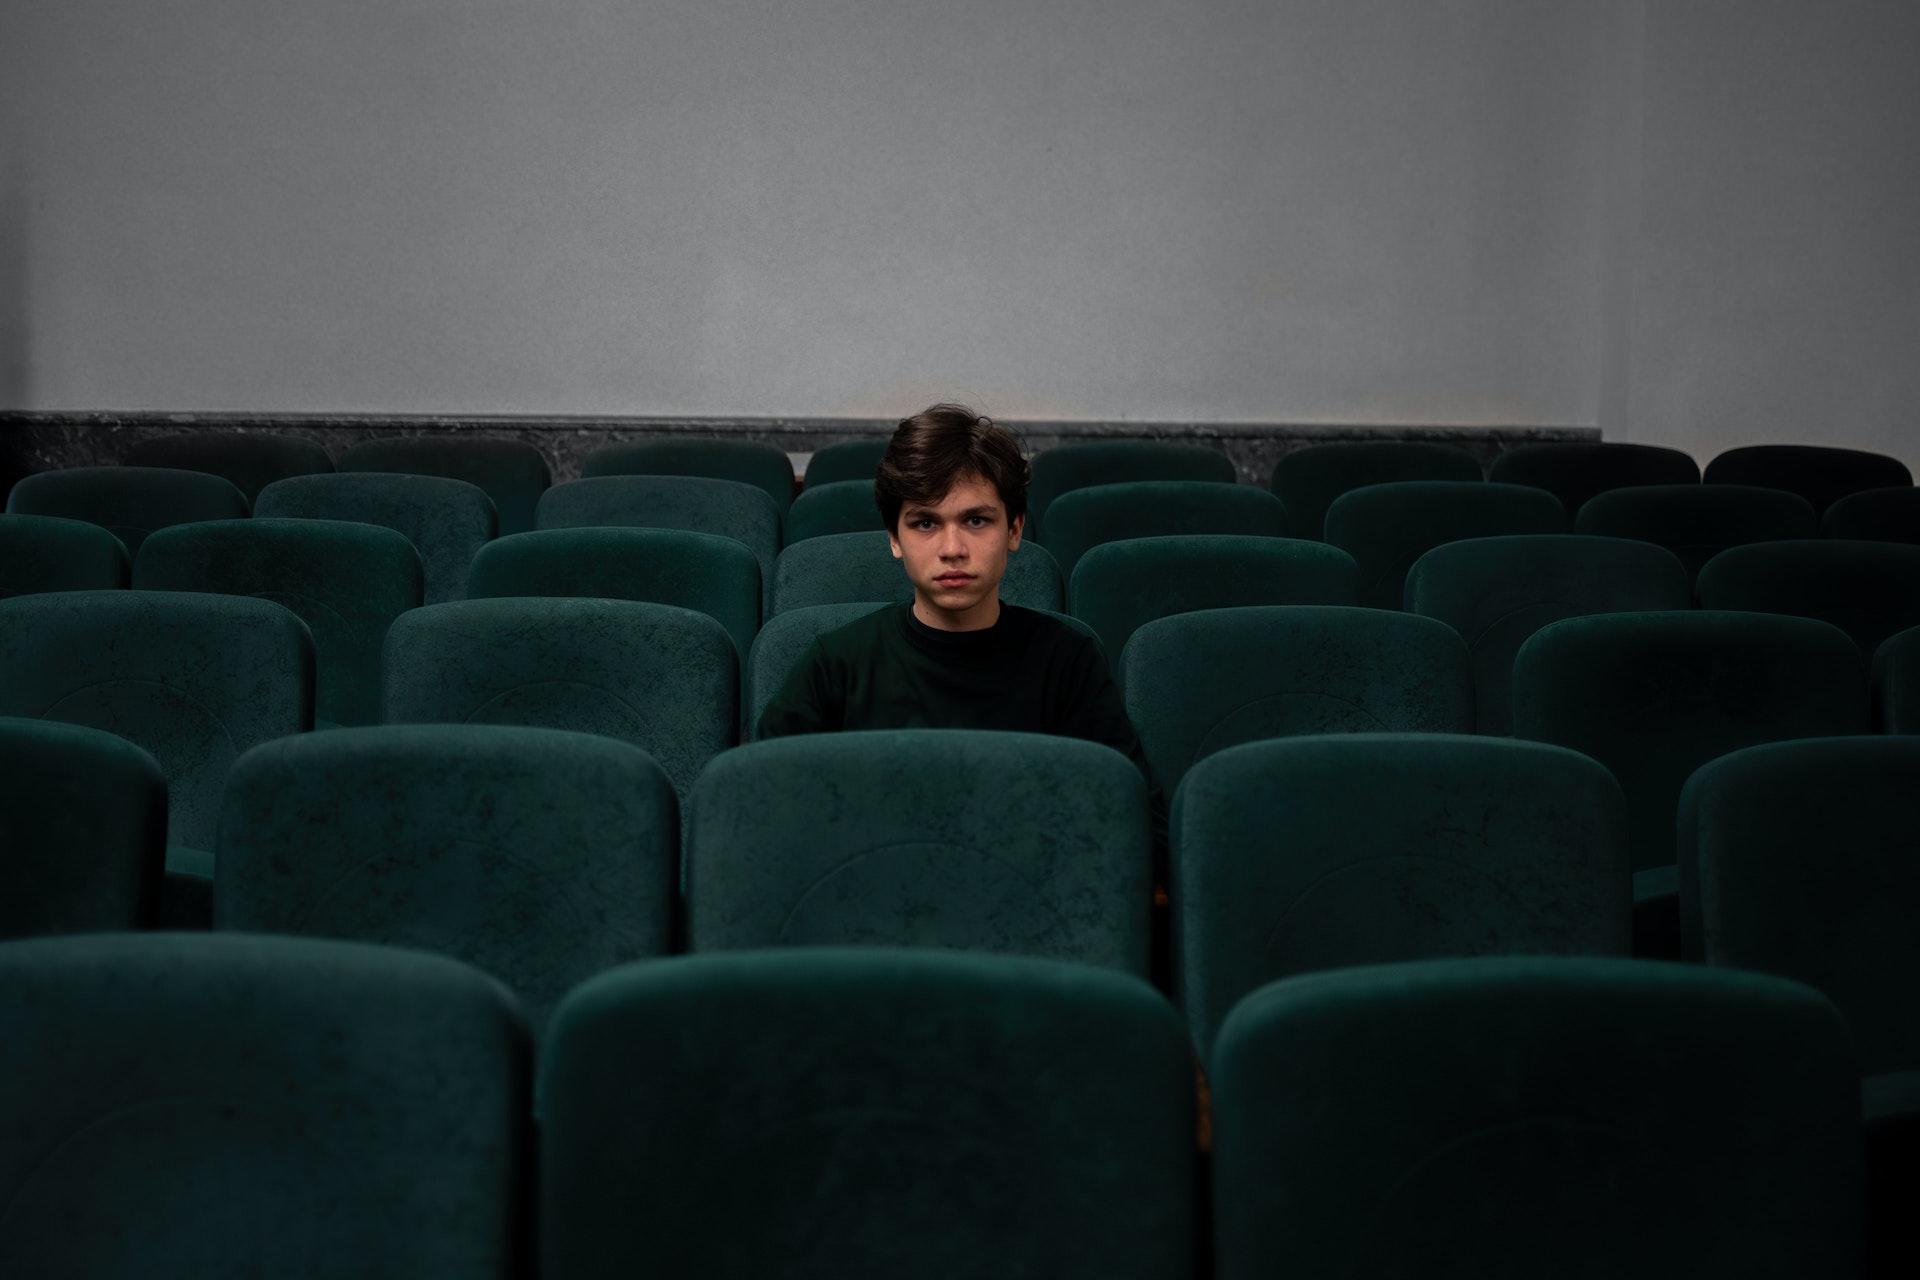 Мальчик в кинотеатре, фото